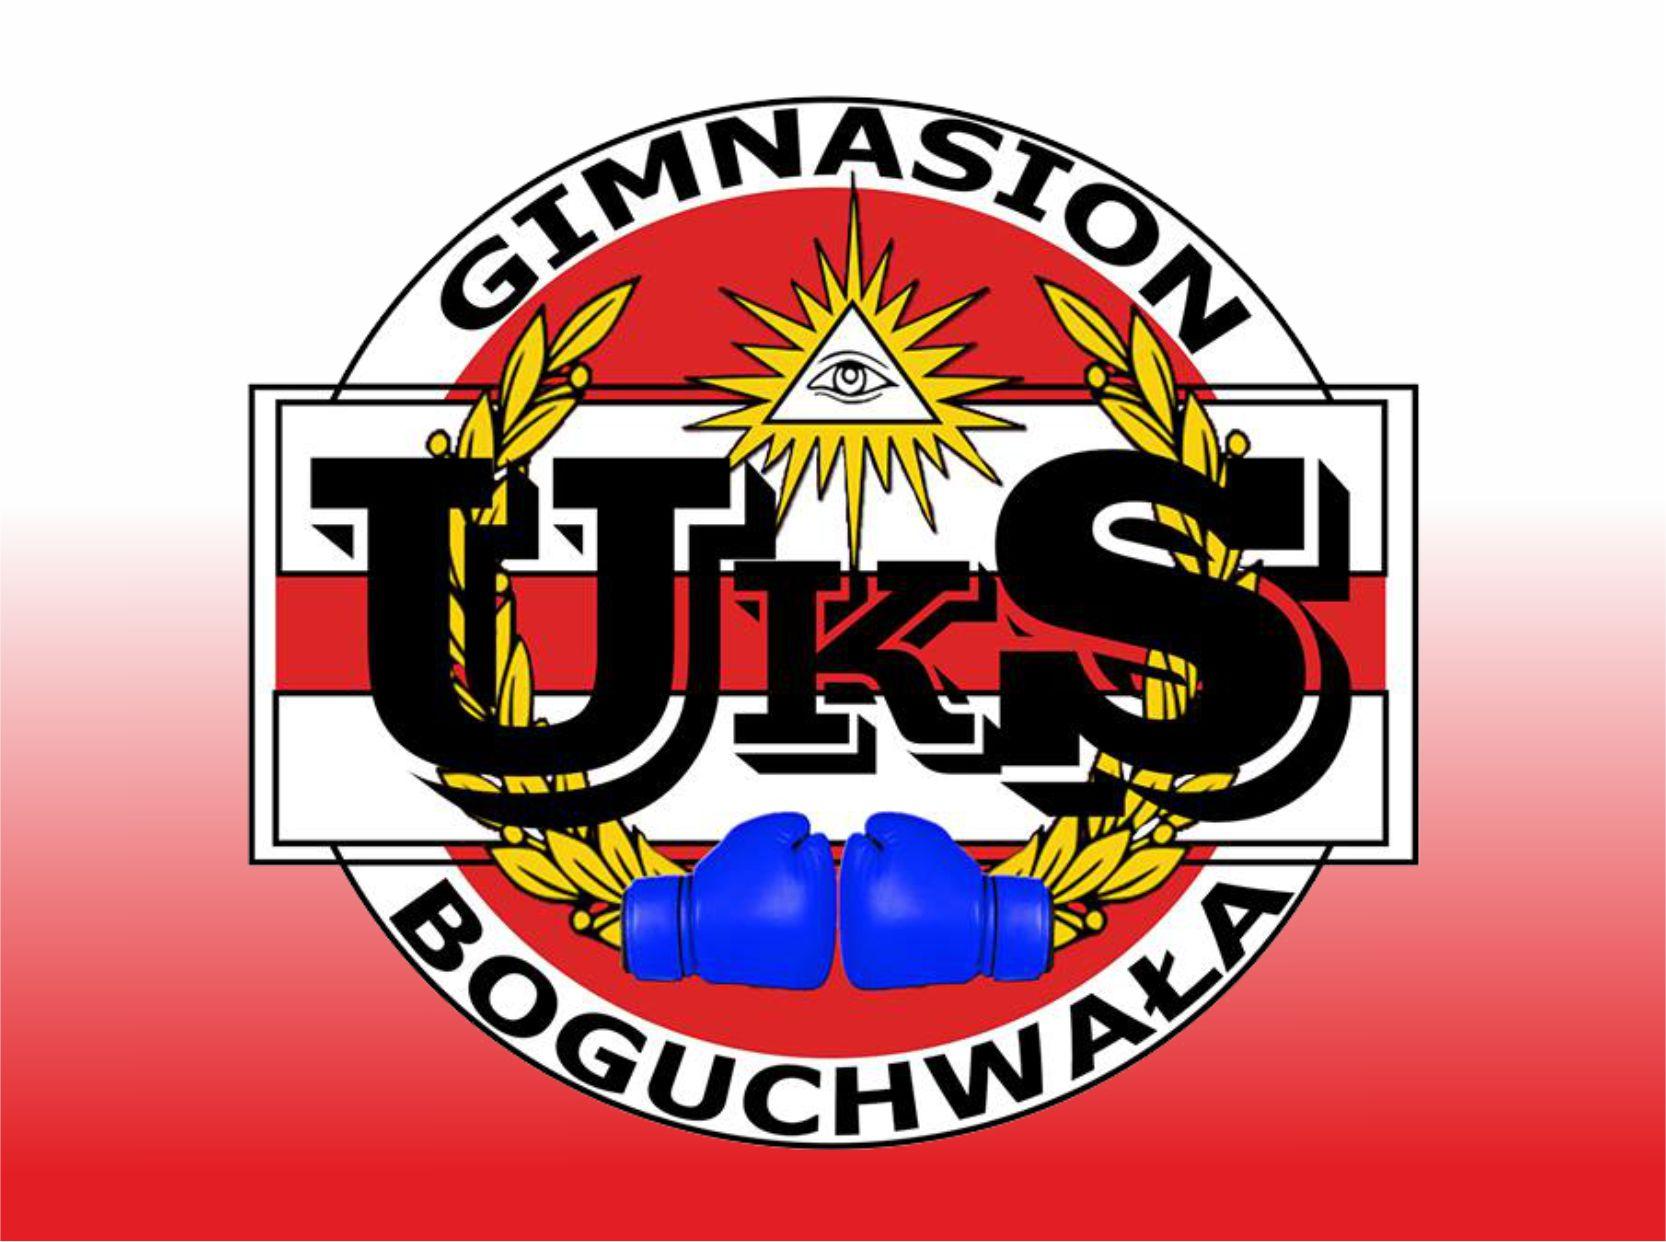 Uczniowski Klub Sportowy Gimnasion Boguchwała